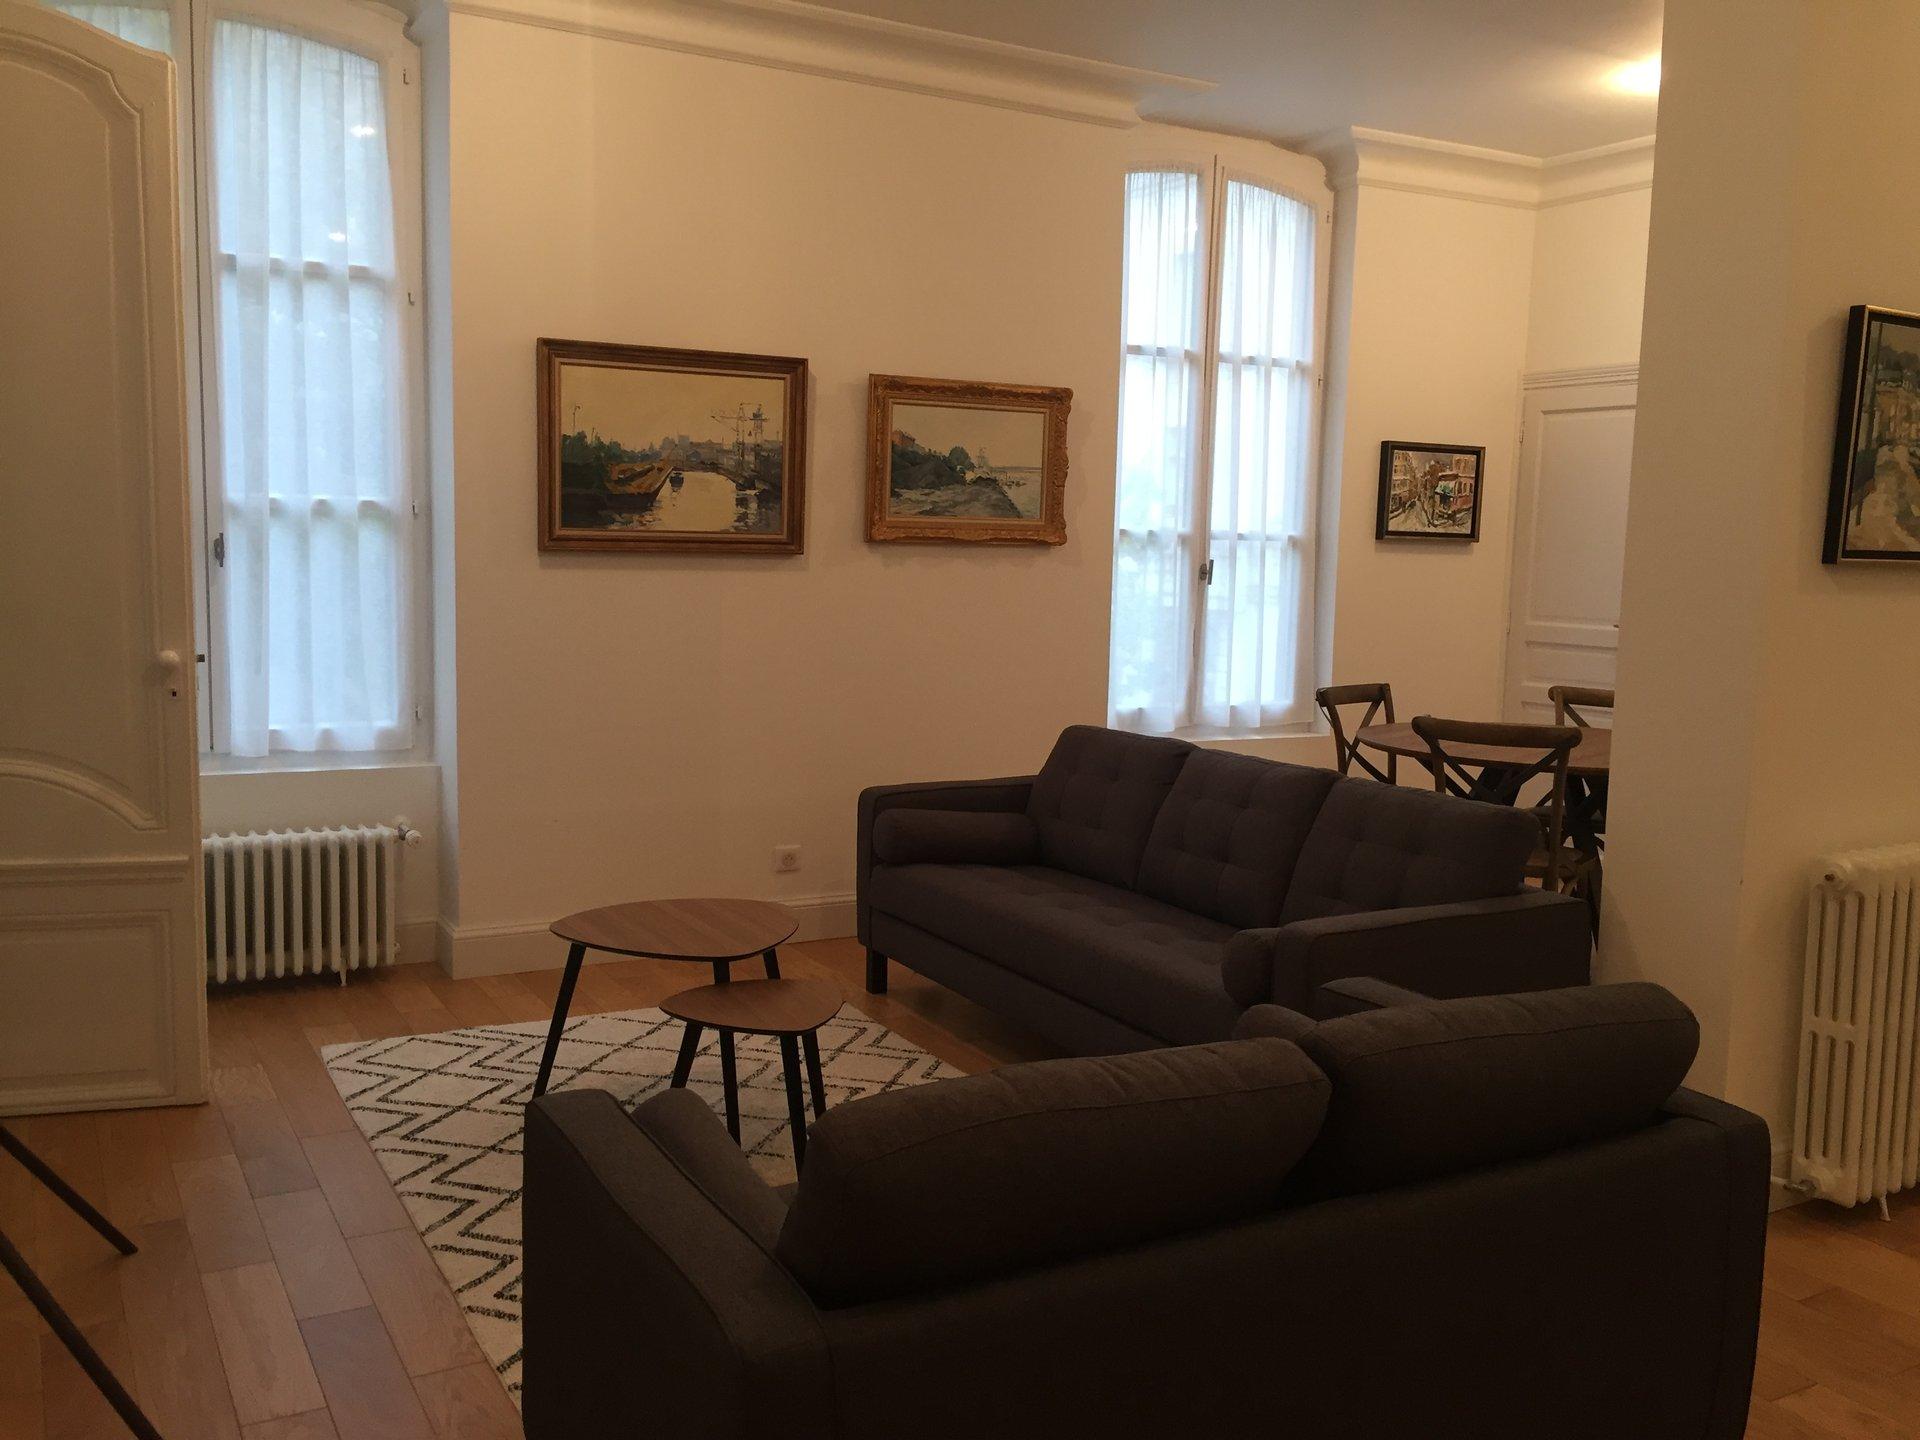 Appartement T4 Dans Hotel Particulier Rouen